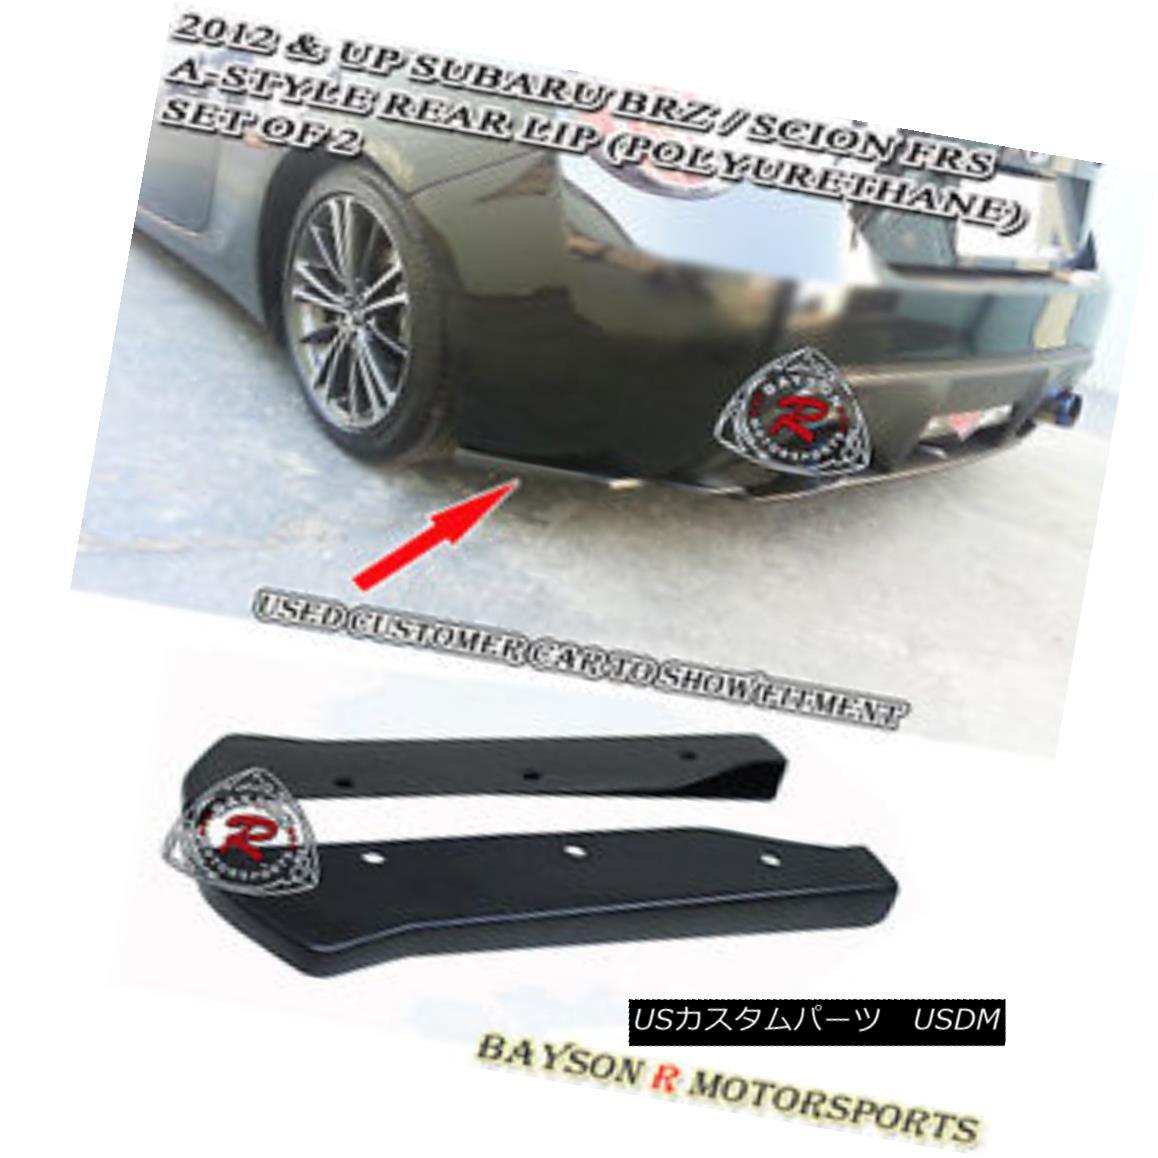 エアロパーツ A-Style Rear Lip Aprons (Urethane) Fits 12-18 Subaru BRZ A-Styleリアリップエプロン(ウレタン)12-18 Subaru BRZ